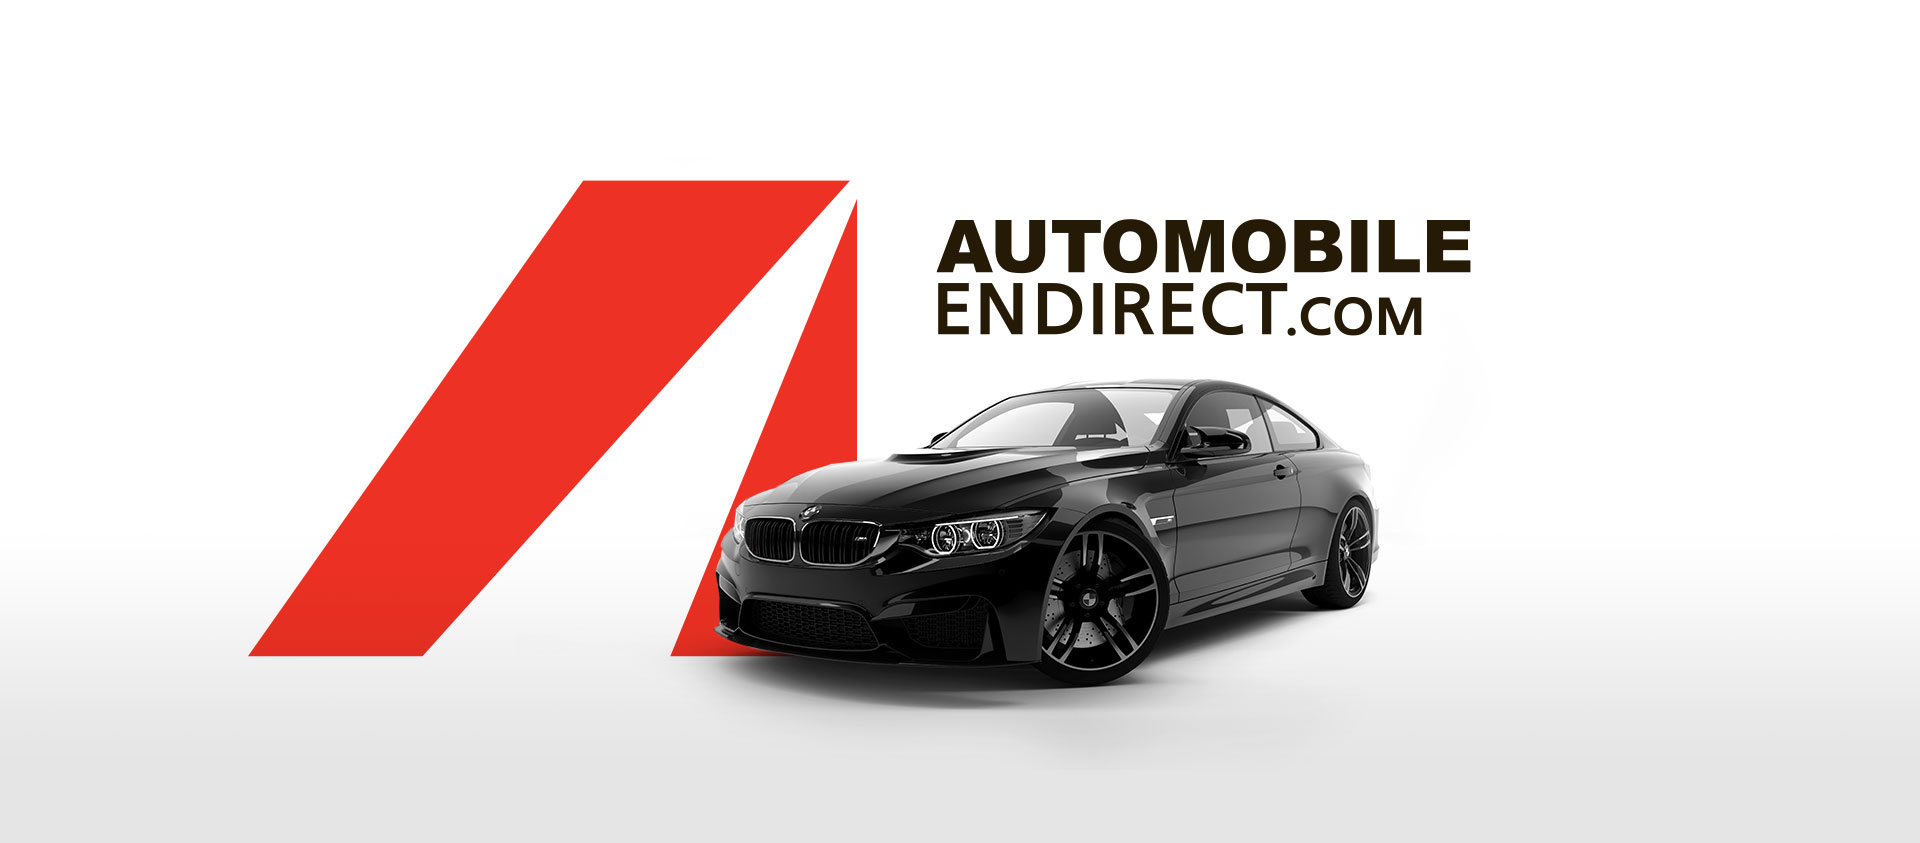 Automobile en Direct